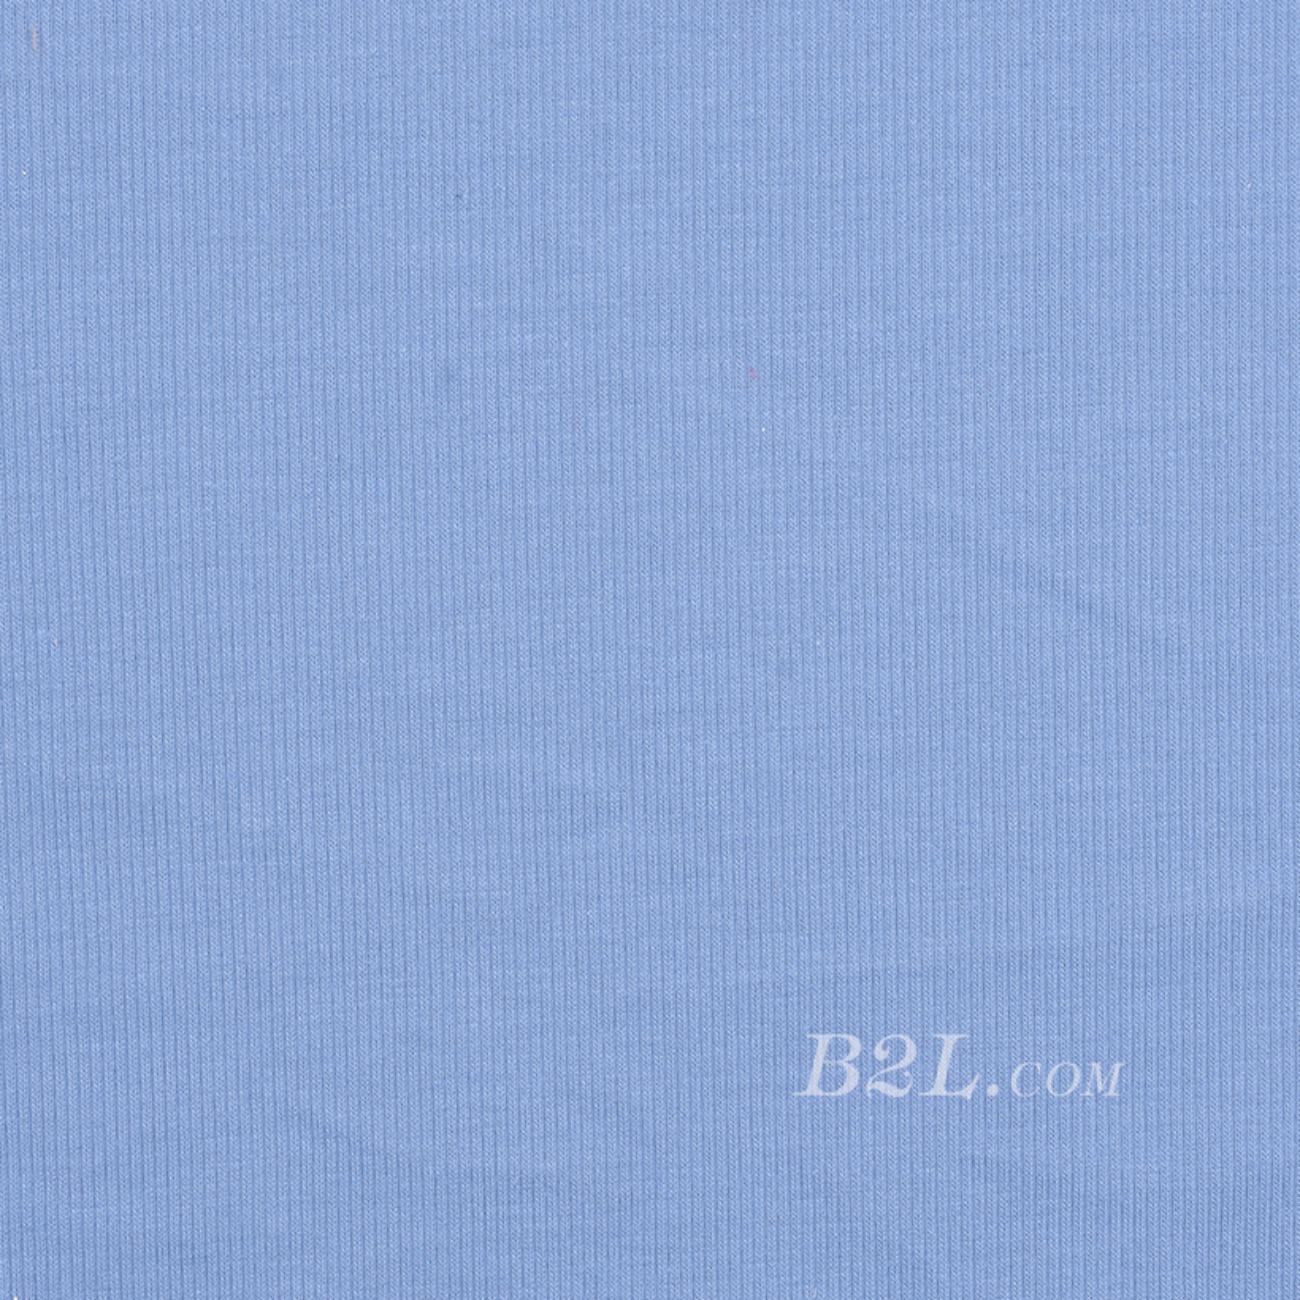 素色 针织 染色 弹力 春秋 连衣裙 时装 90306-22